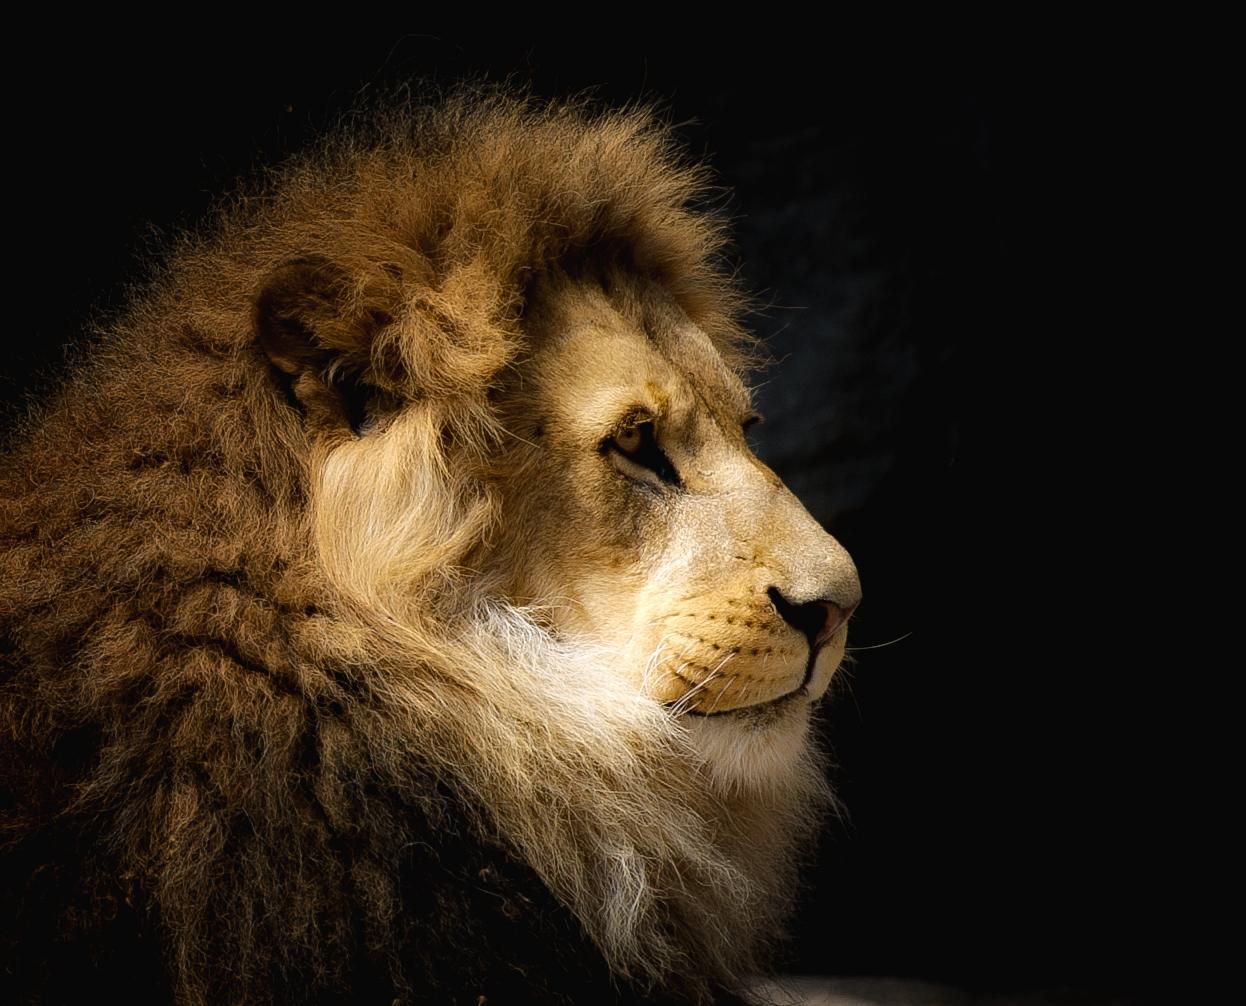 Profil eines Königs